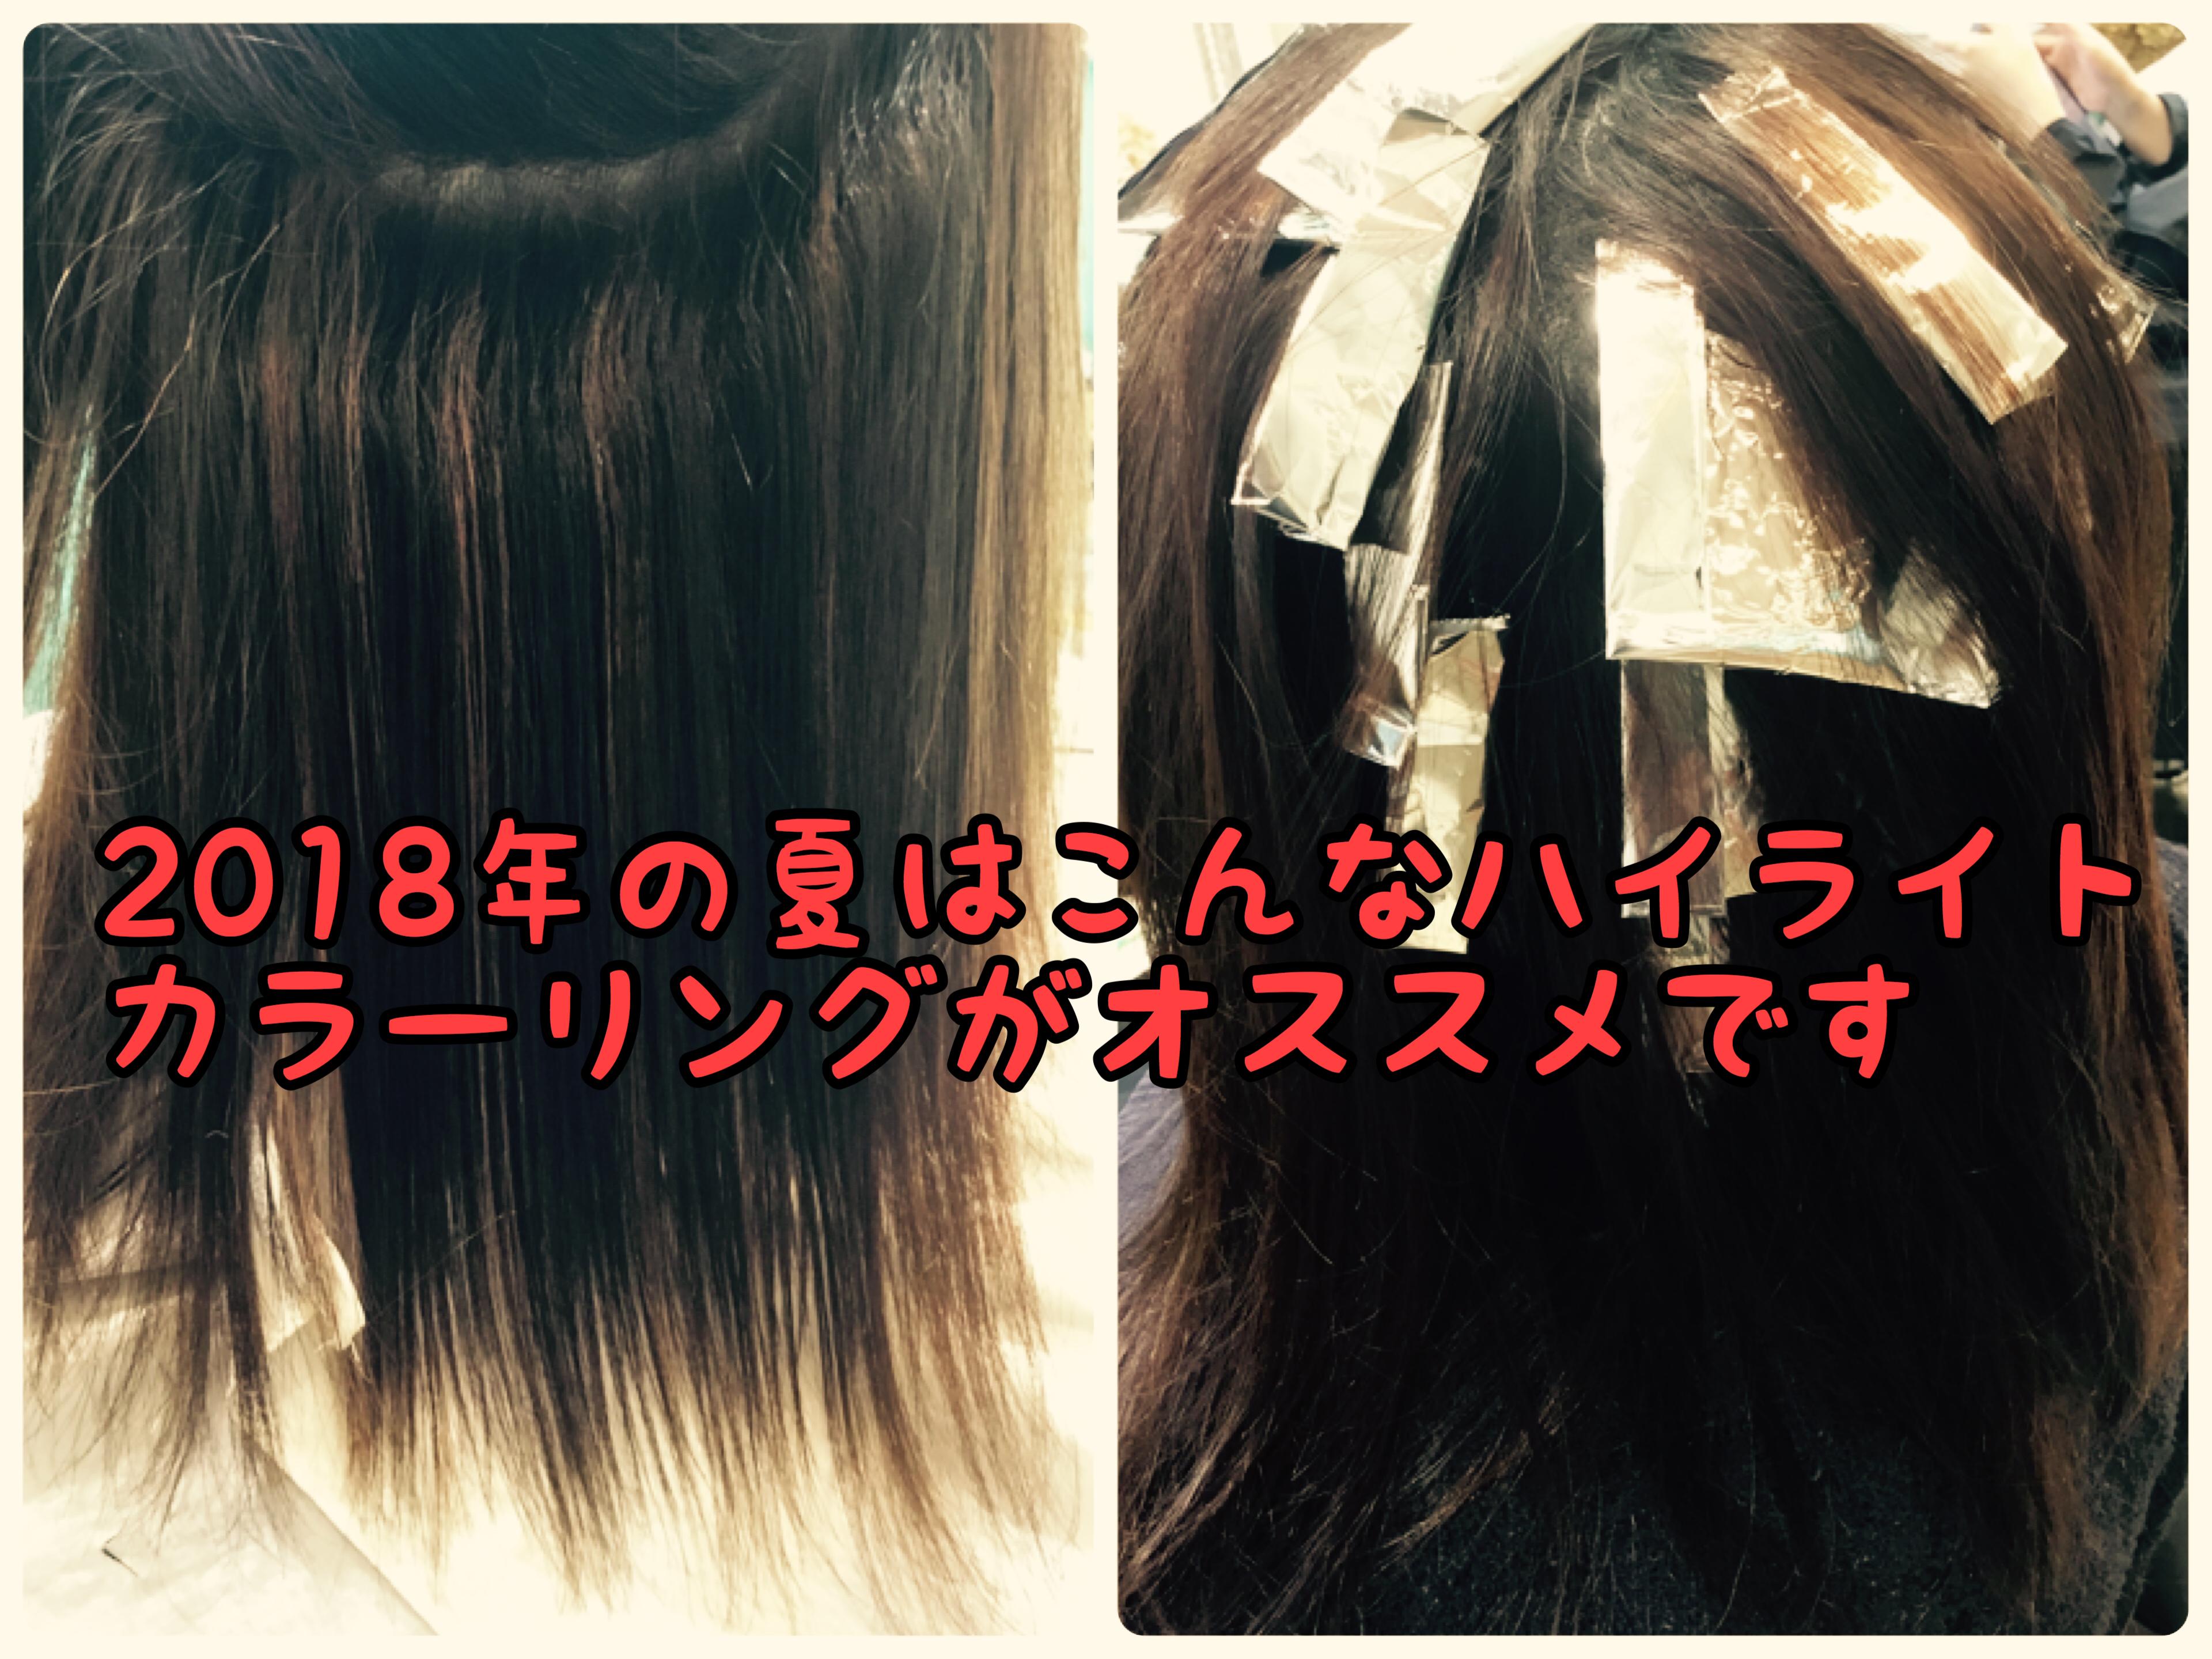 【ヘアカラー】今年の夏は「3D和漢カラー」が熱い!レッツチャレンジ!!